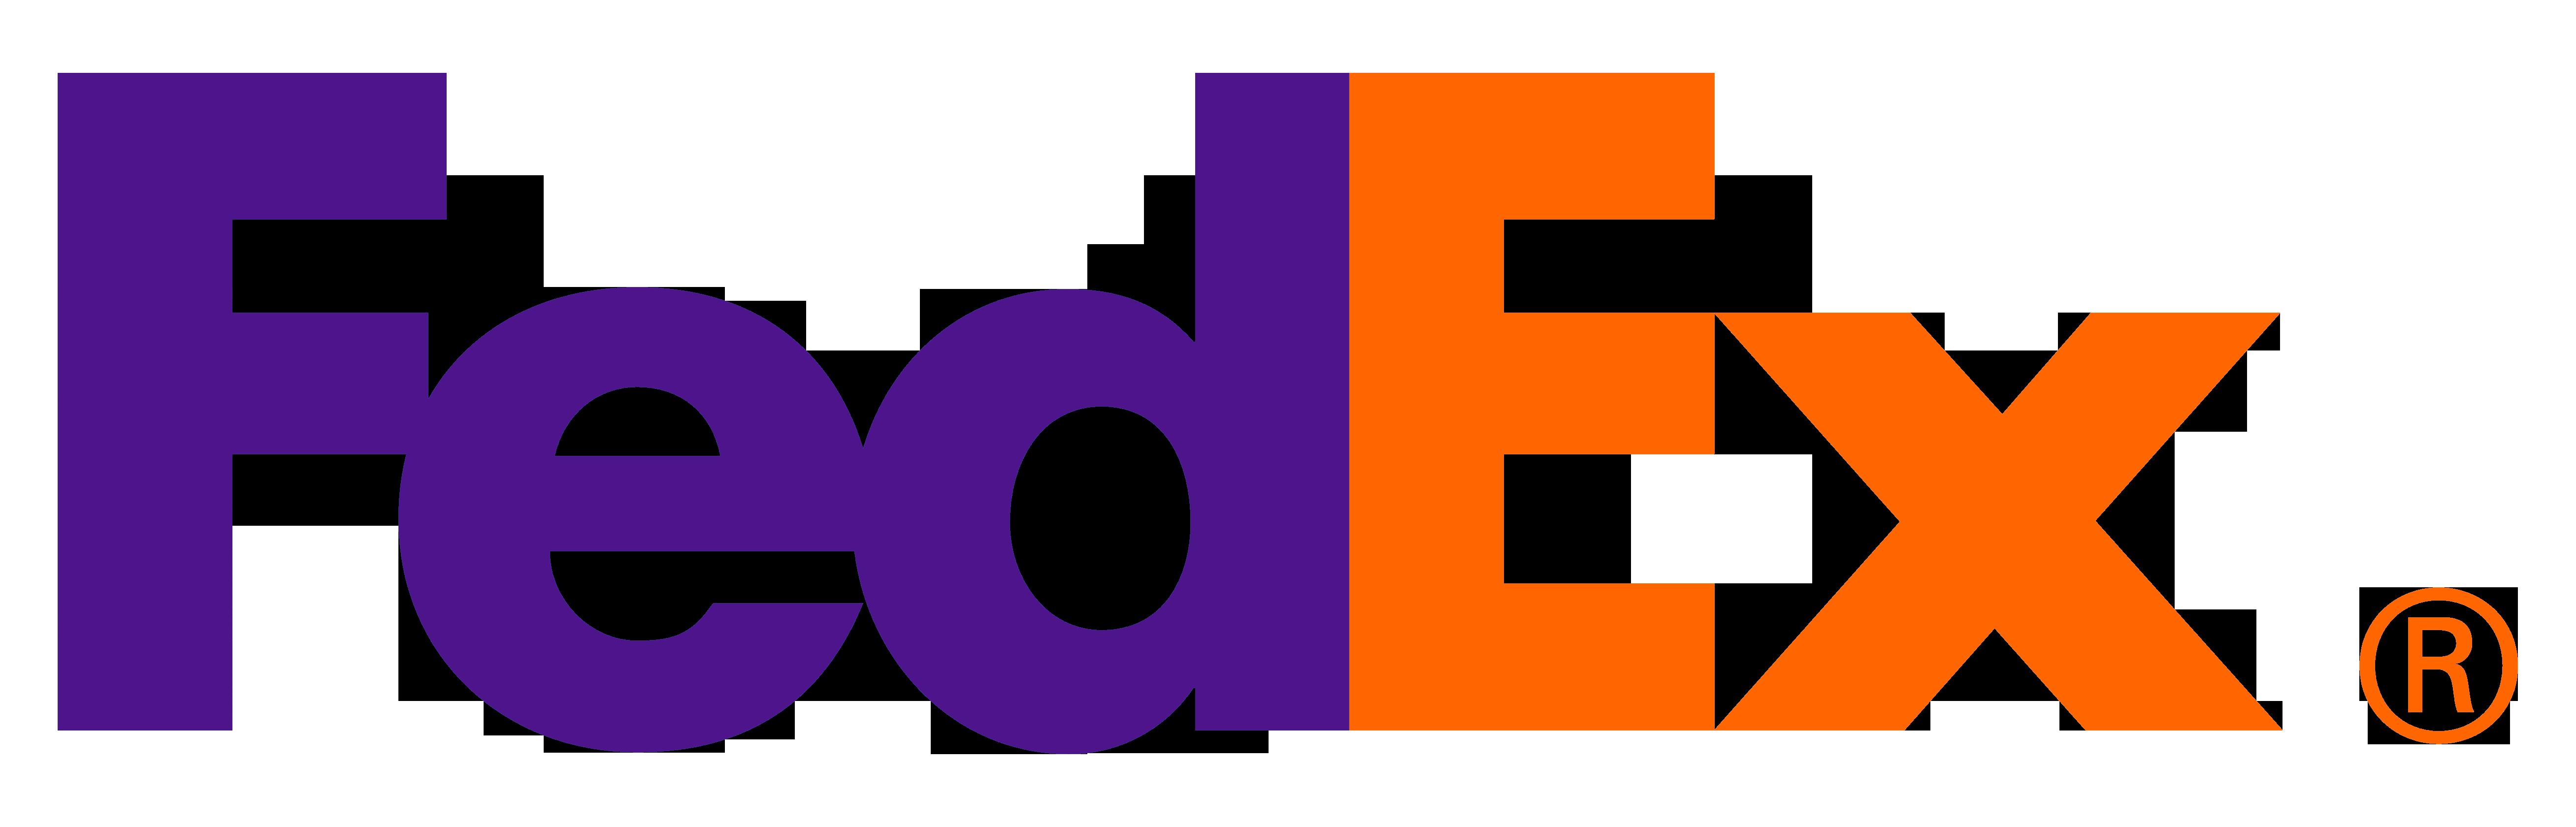 PNGPIX-COM-FedEx-Logo-PNG-Transparent.png